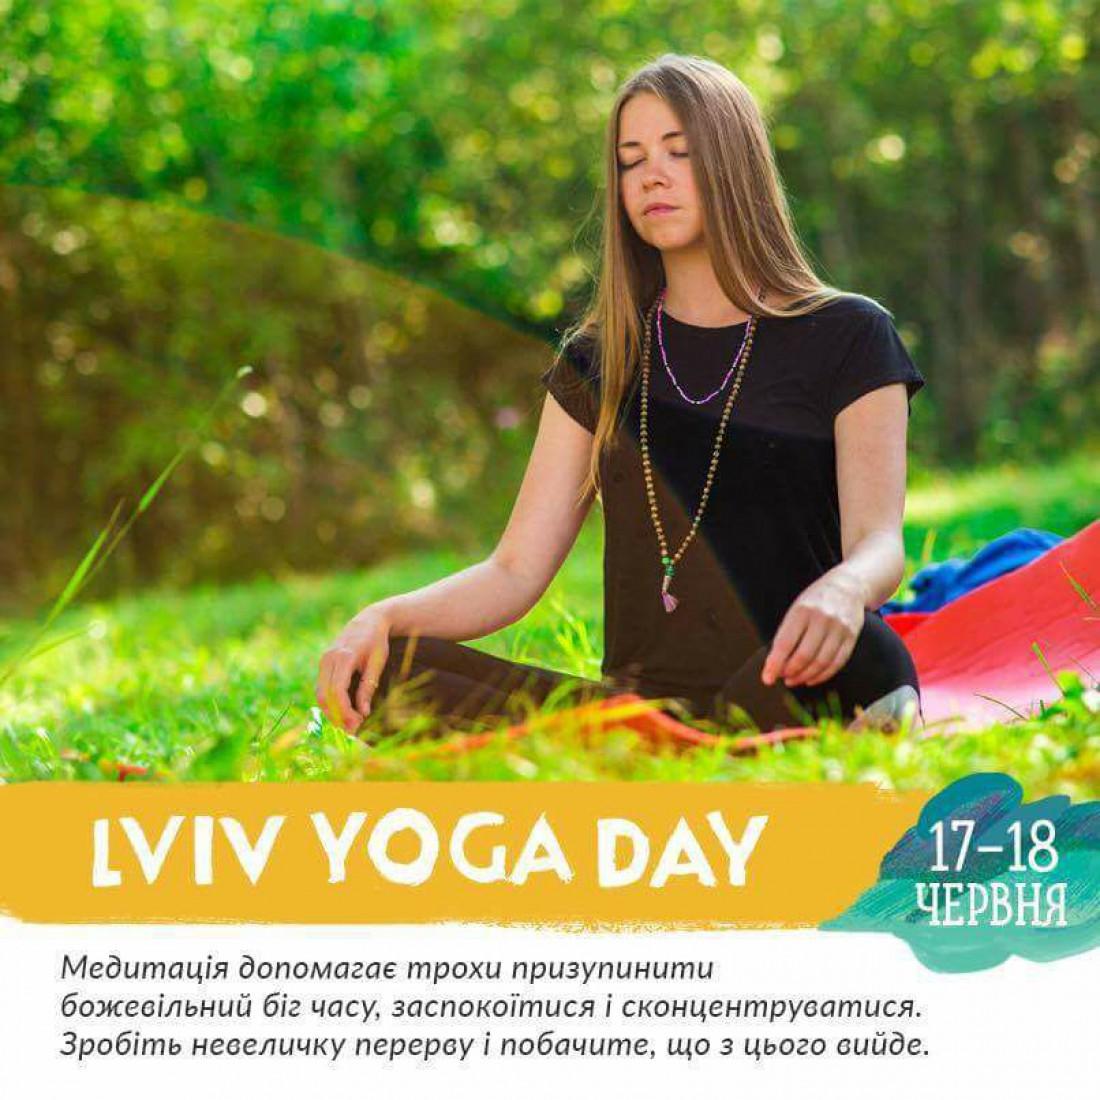 Фестиваль Lviv Yoga Day 2017 откроется 17-18 июня